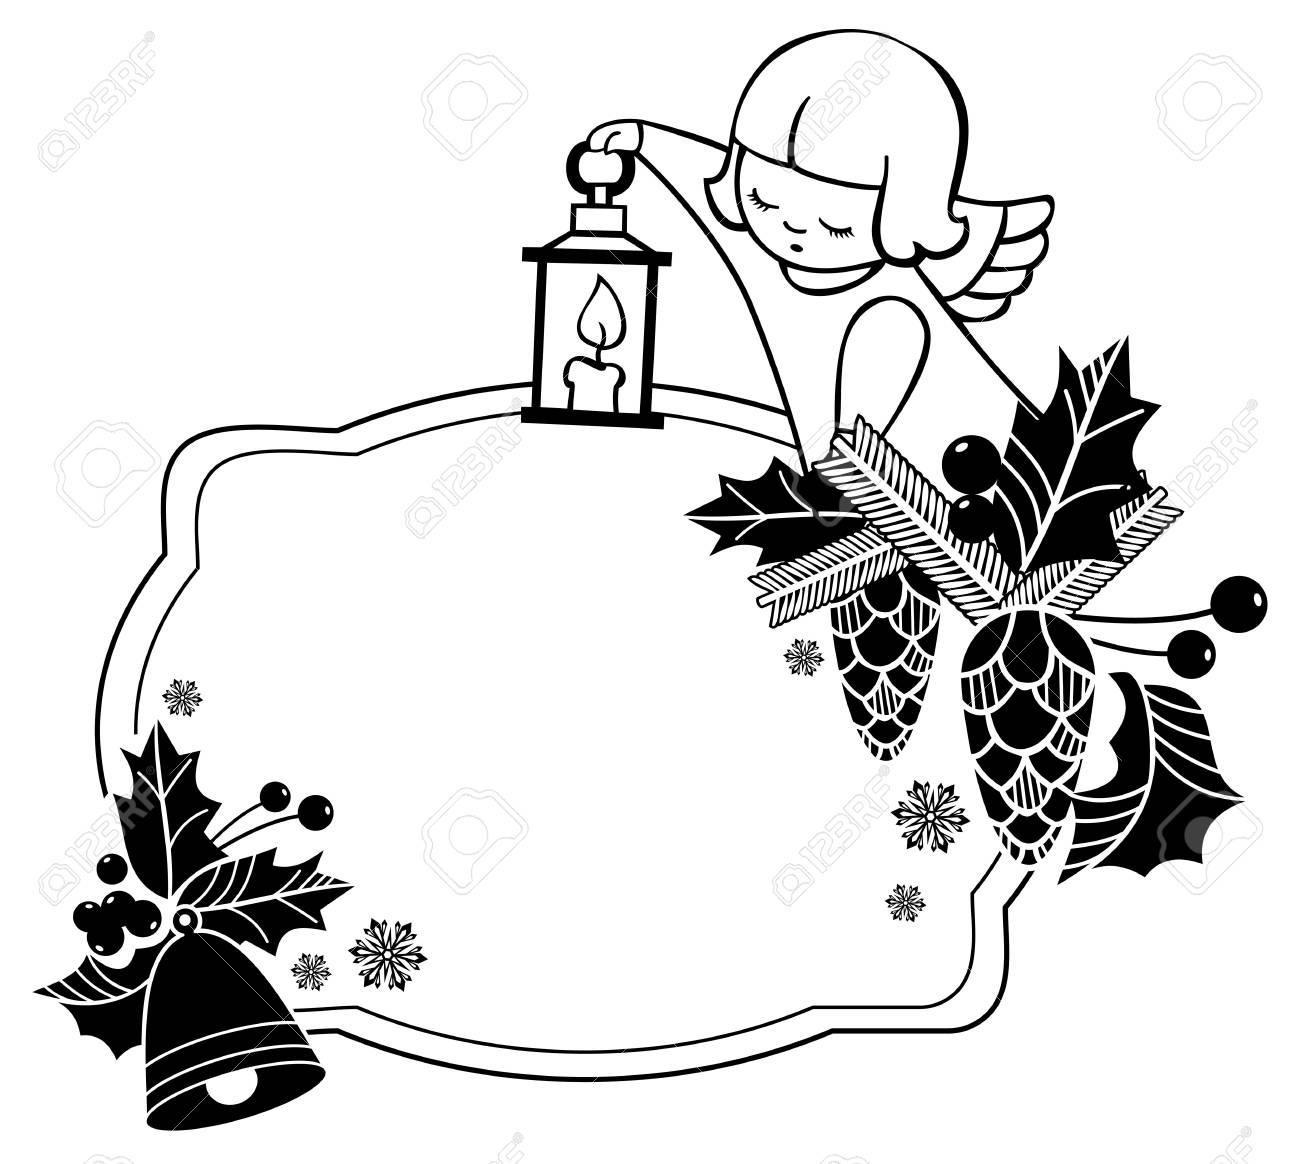 Cadre De Noel Noir Et Blanc Avec Des Anges Mignons Copiez L Espace Fond De Vacances De Noel Clipart Vectoriel Clip Art Libres De Droits Vecteurs Et Illustration Image 67405712